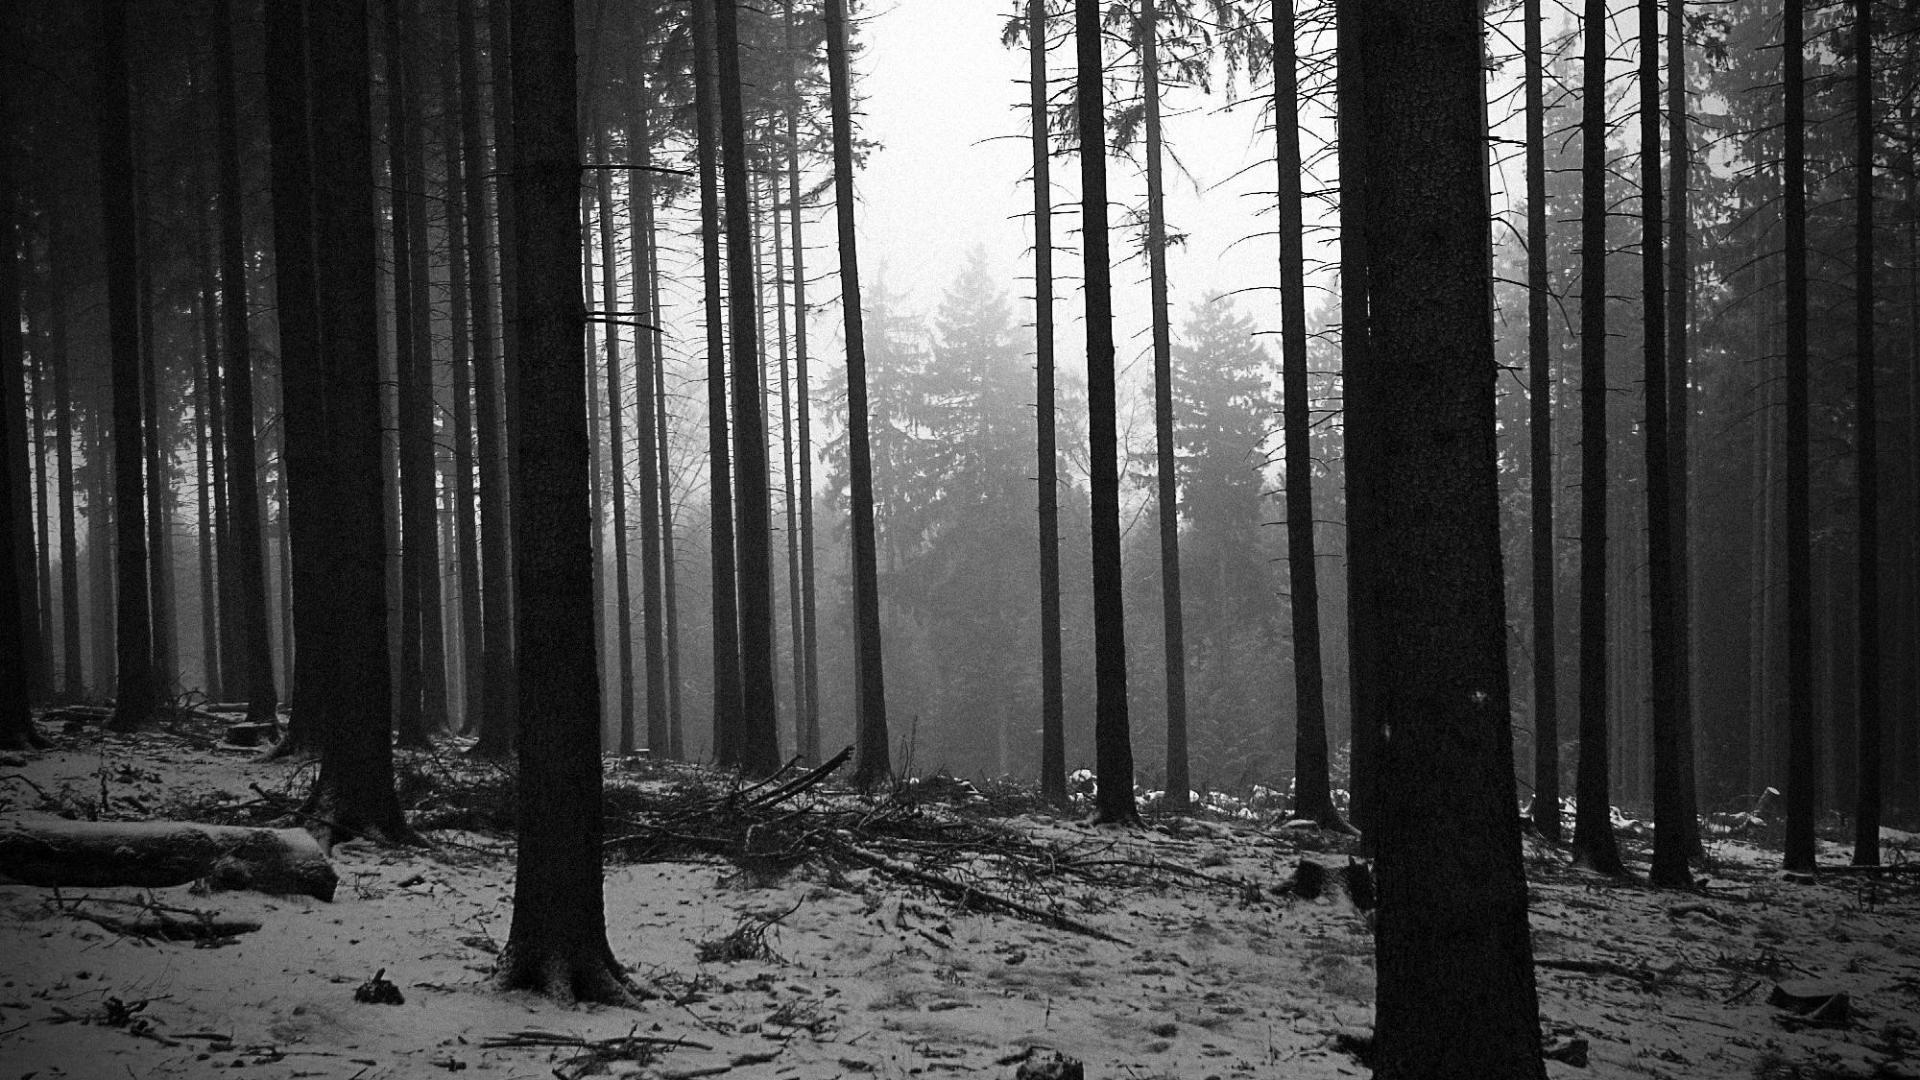 Black And White Forest Wallpaper Full Hd Black And White Landscape Black And White Wallpaper Forest Wallpaper